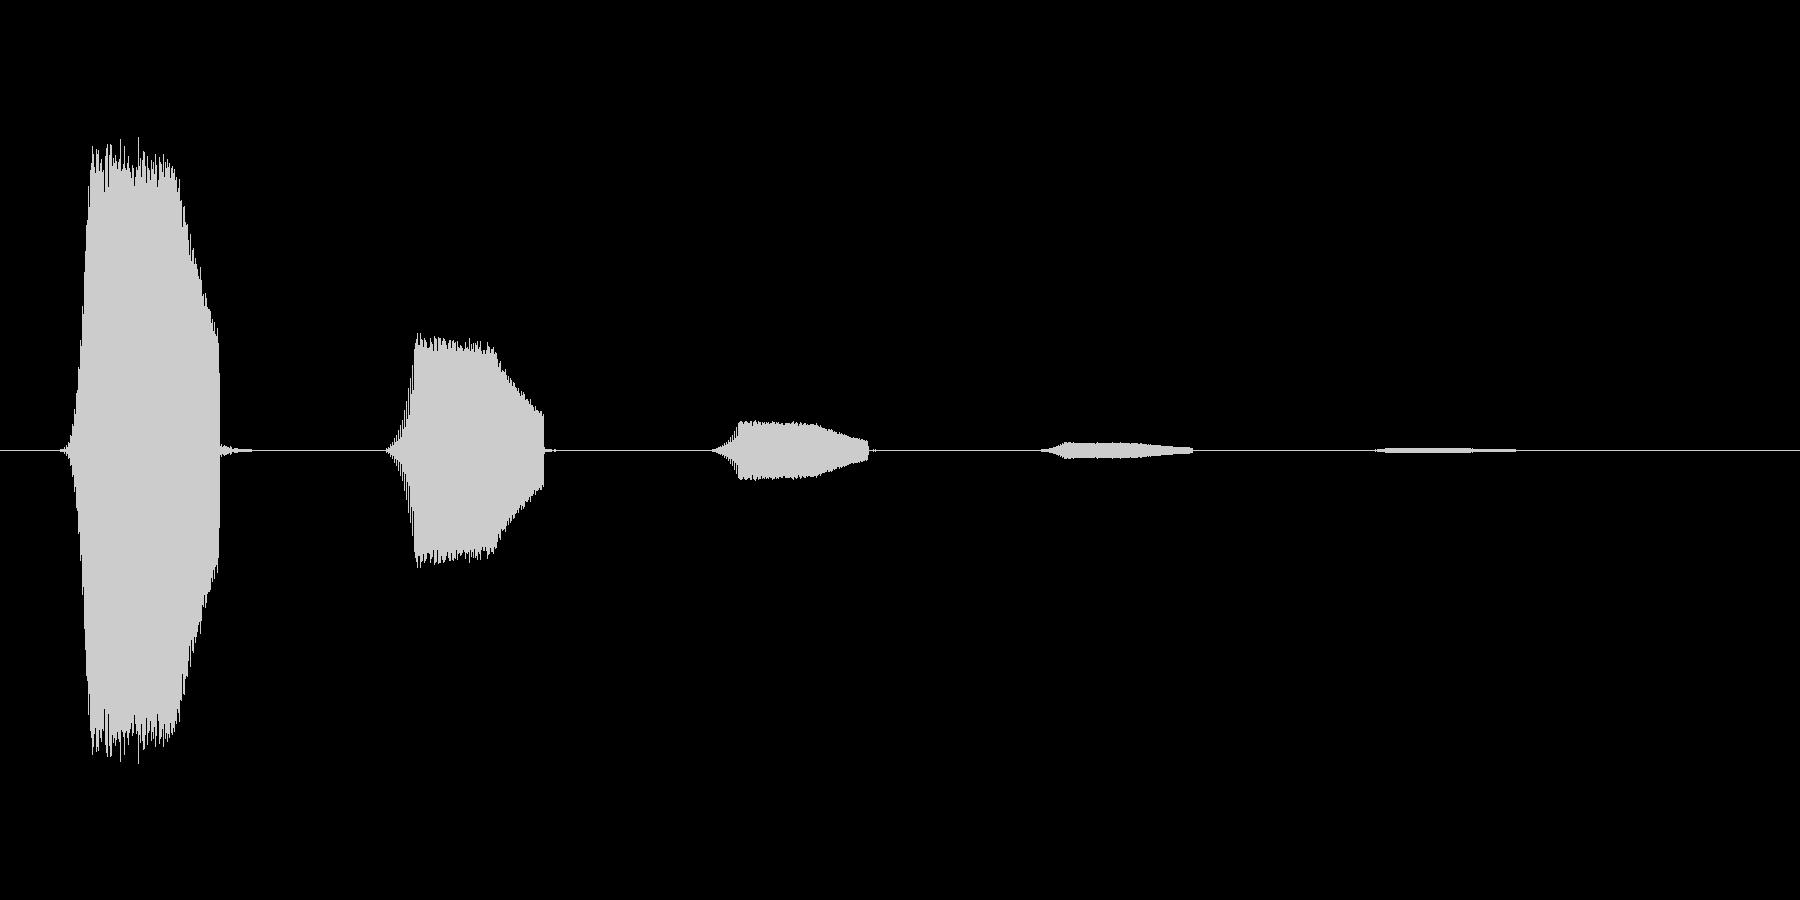 ファミコン風効果音カーソル系です 04の未再生の波形